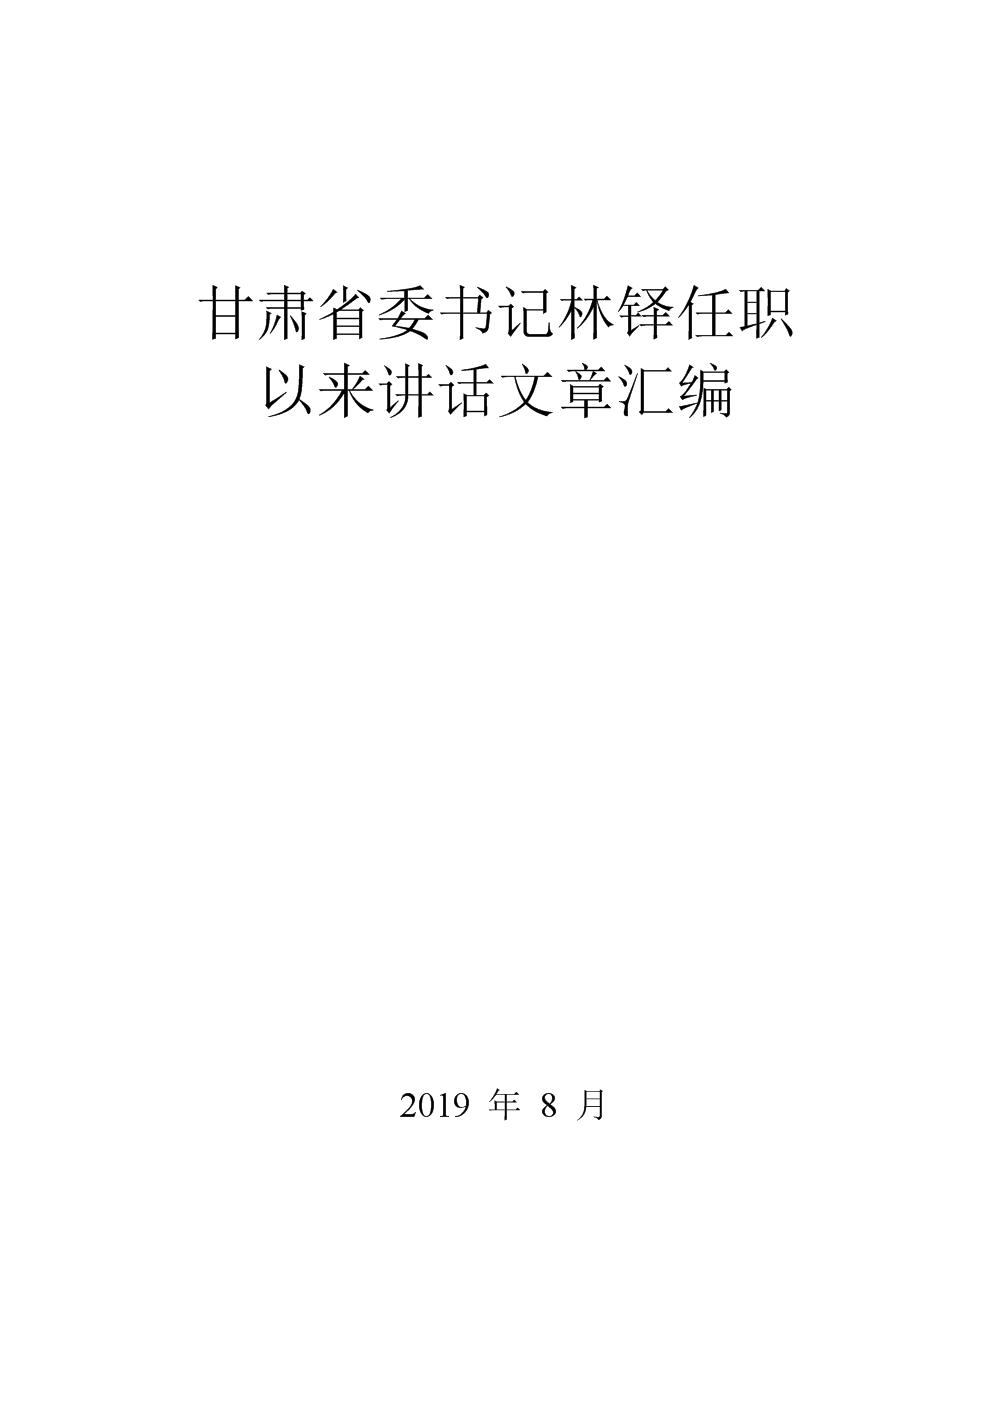 甘肃省委书记任职以来讲话文章汇编21篇.docx